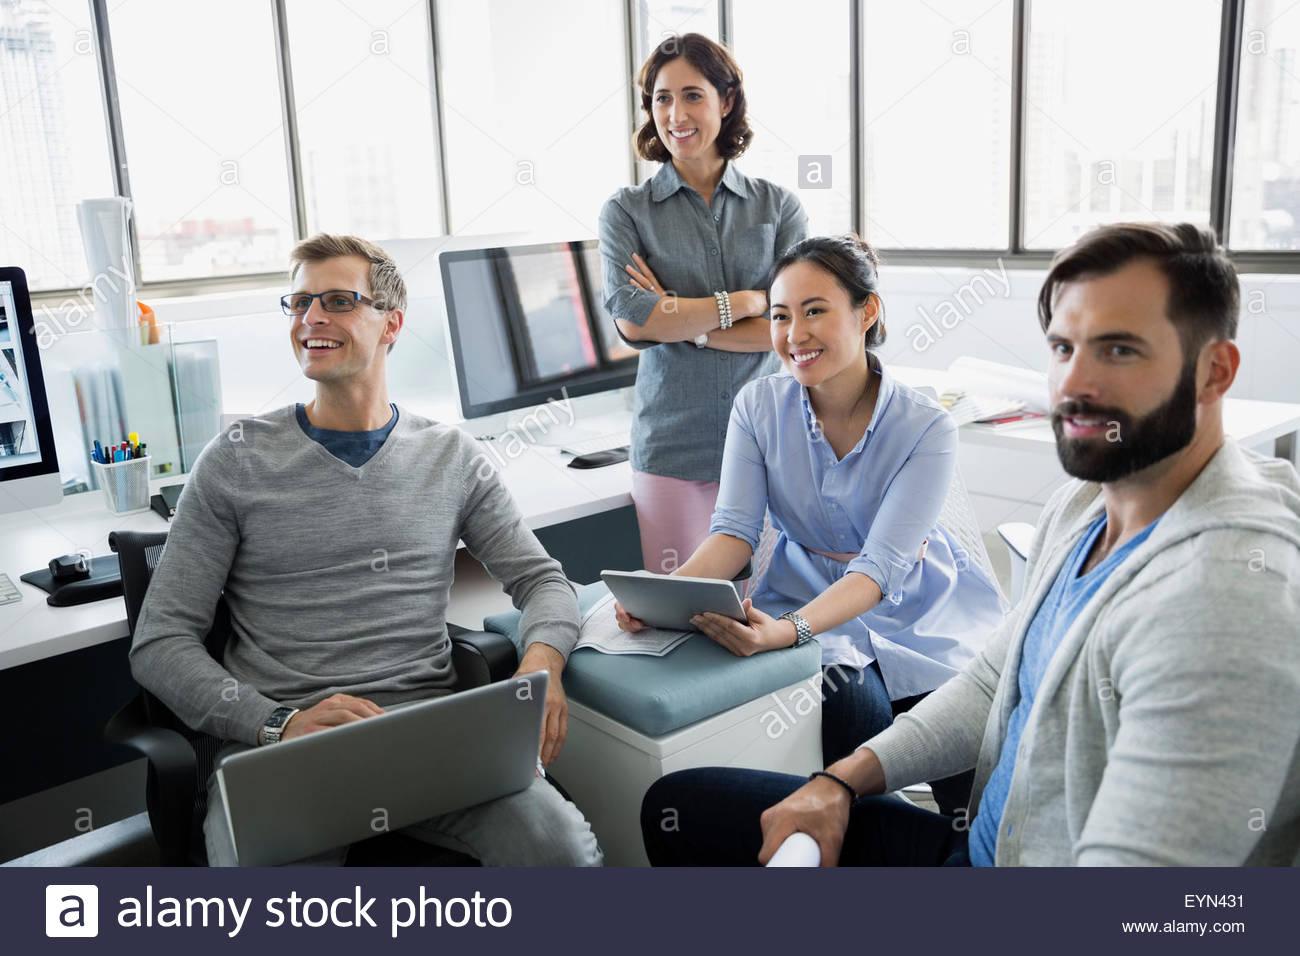 La gente de negocios con oficina de tablet y portátil digital Imagen De Stock